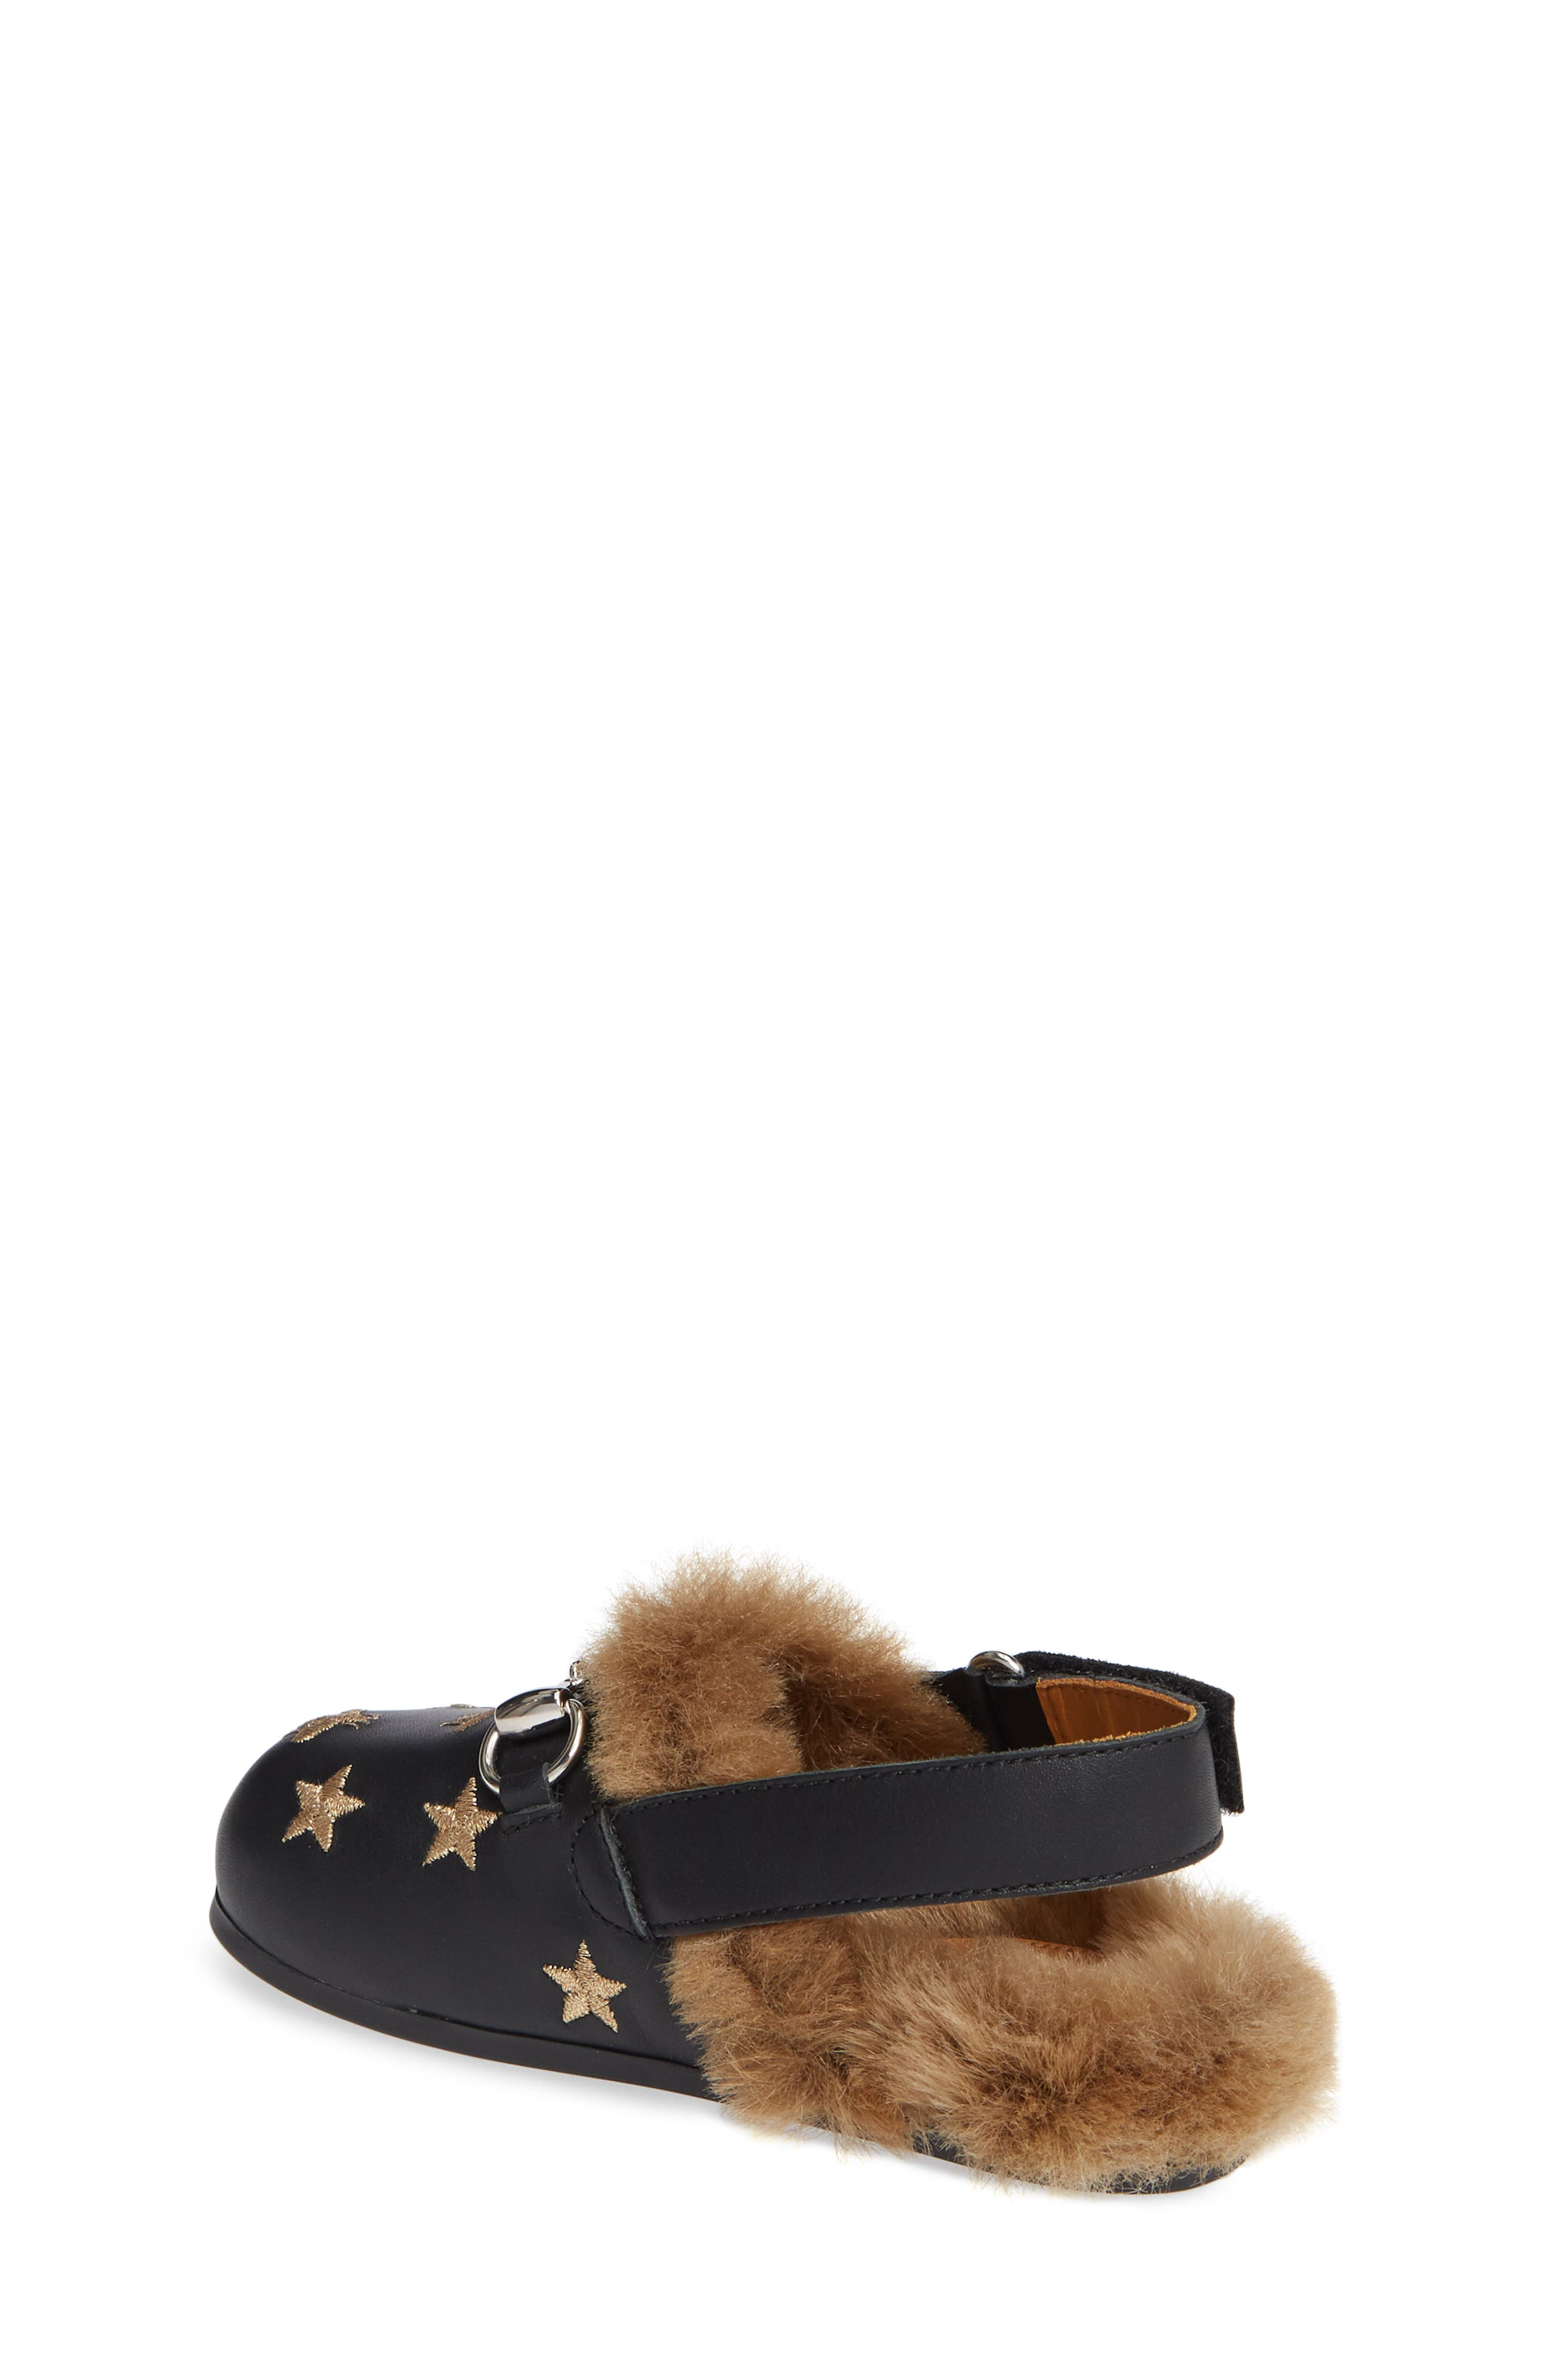 Horsebit Embroidered Sandal,                             Alternate thumbnail 2, color,                             BLACK/GOLD STARS